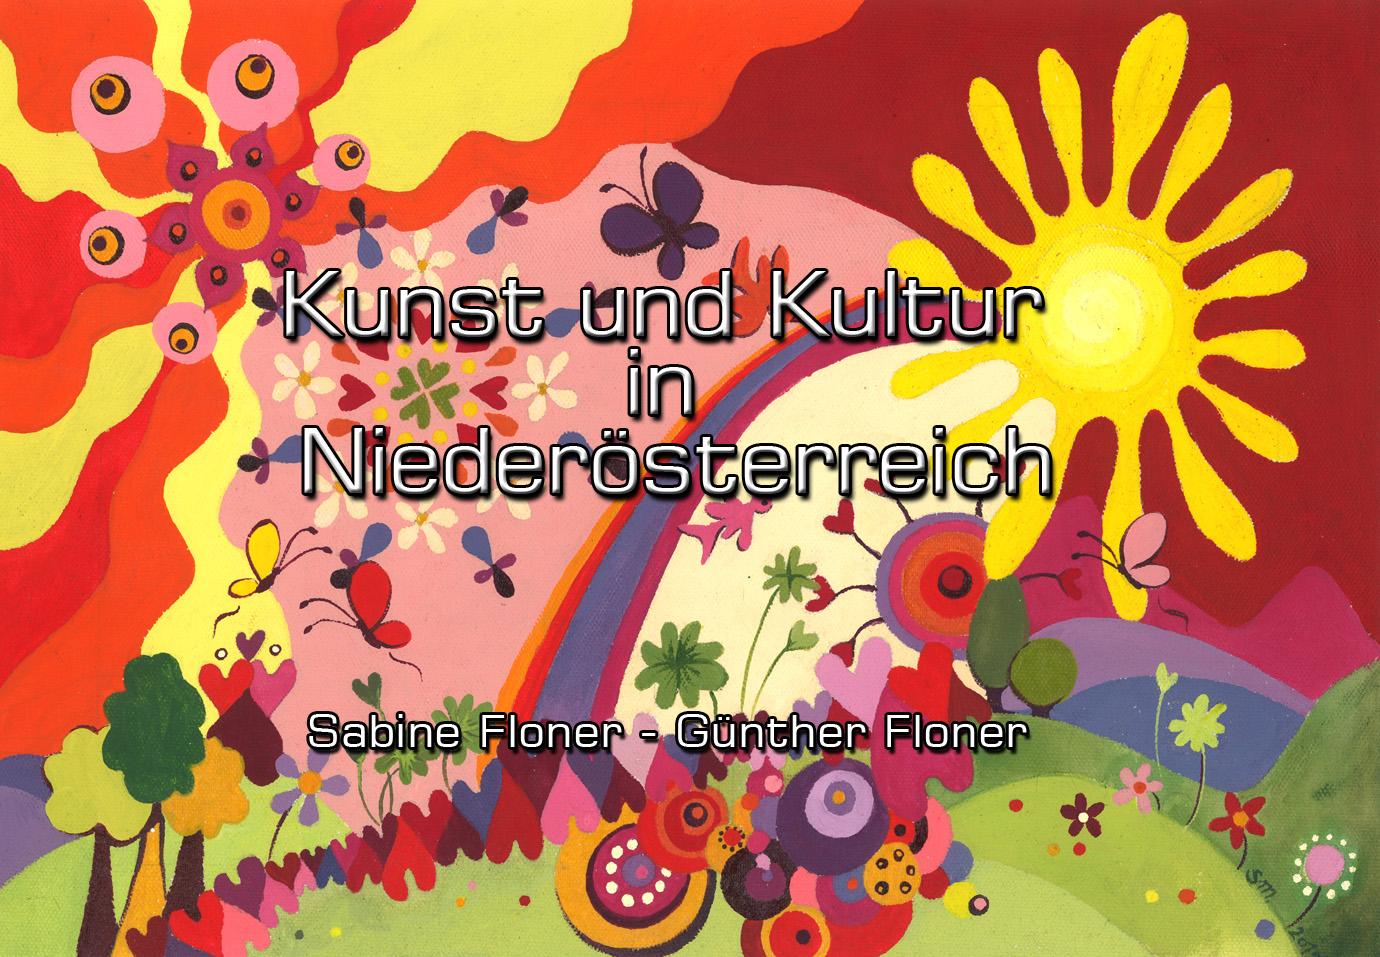 Kunst und Kultur in Niederösterreich - Sabine Floner - Günther Floner